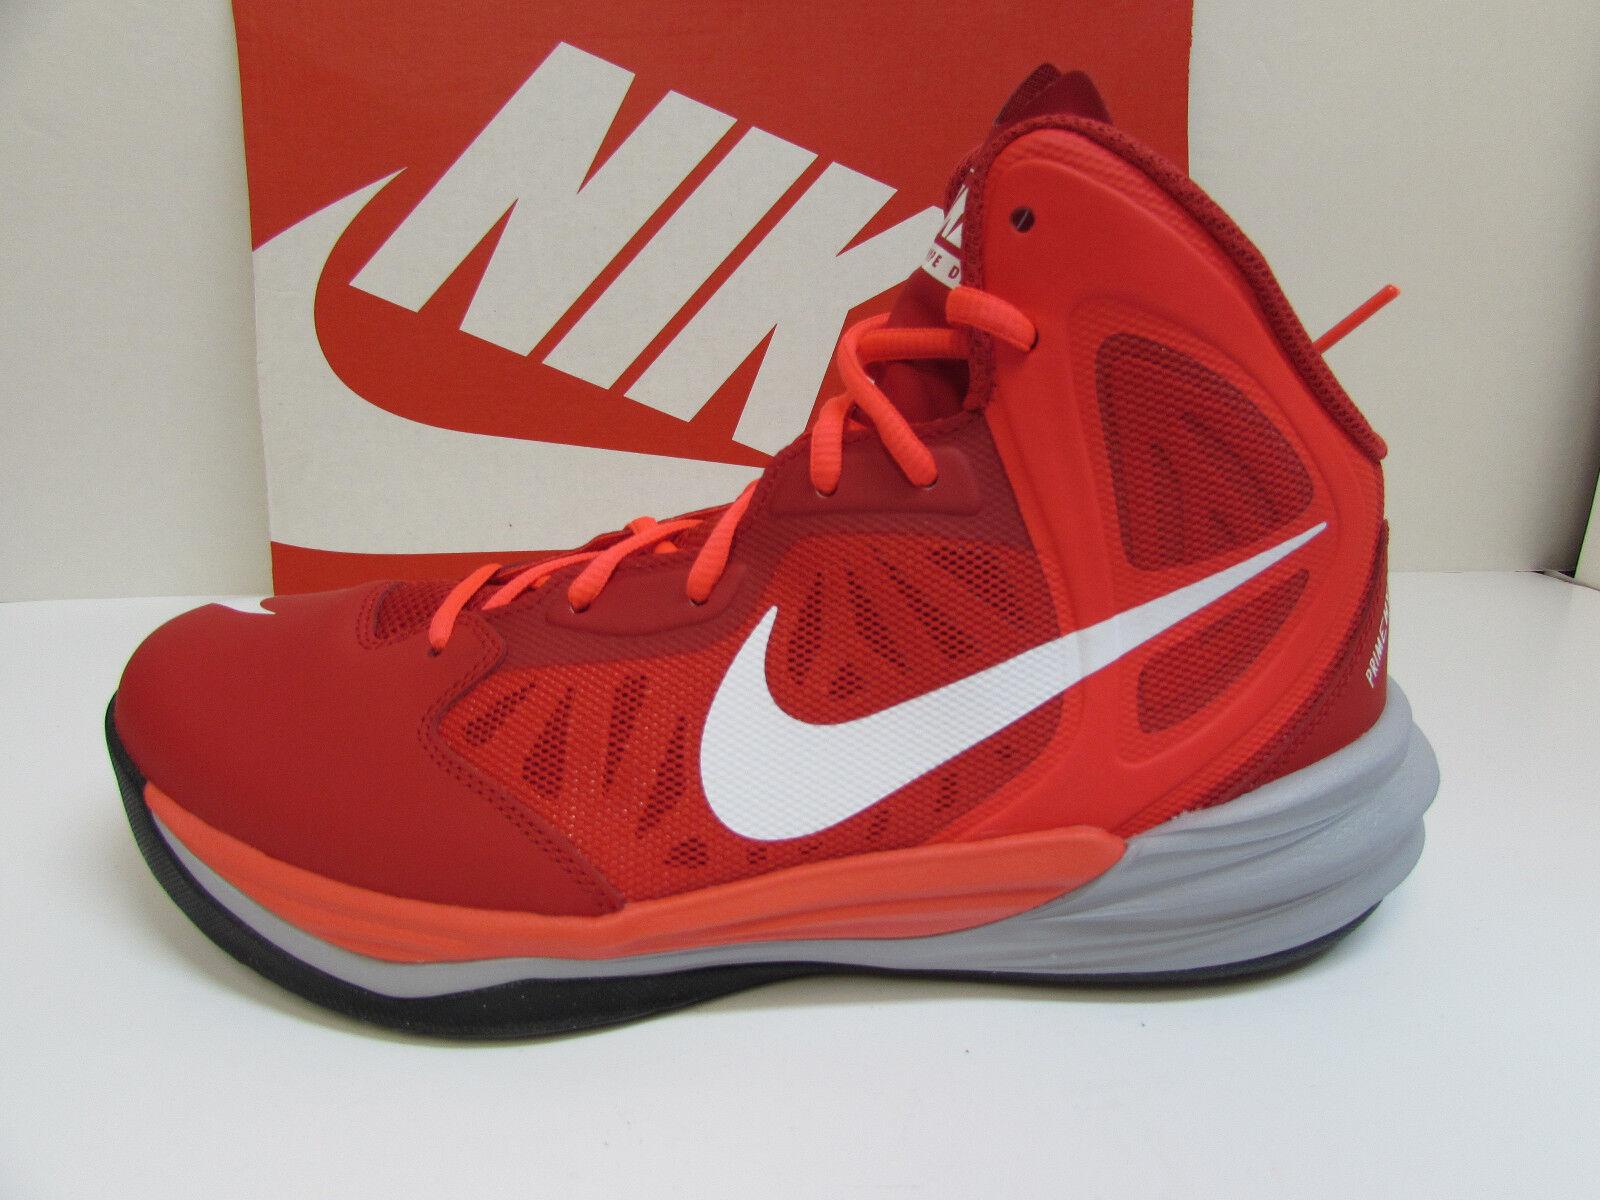 Nike dimensioni 11,5 rosso primo hype hi - top scarpe da ginnastica nuove mens scarpe | Consegna Immediata  | Maschio/Ragazze Scarpa